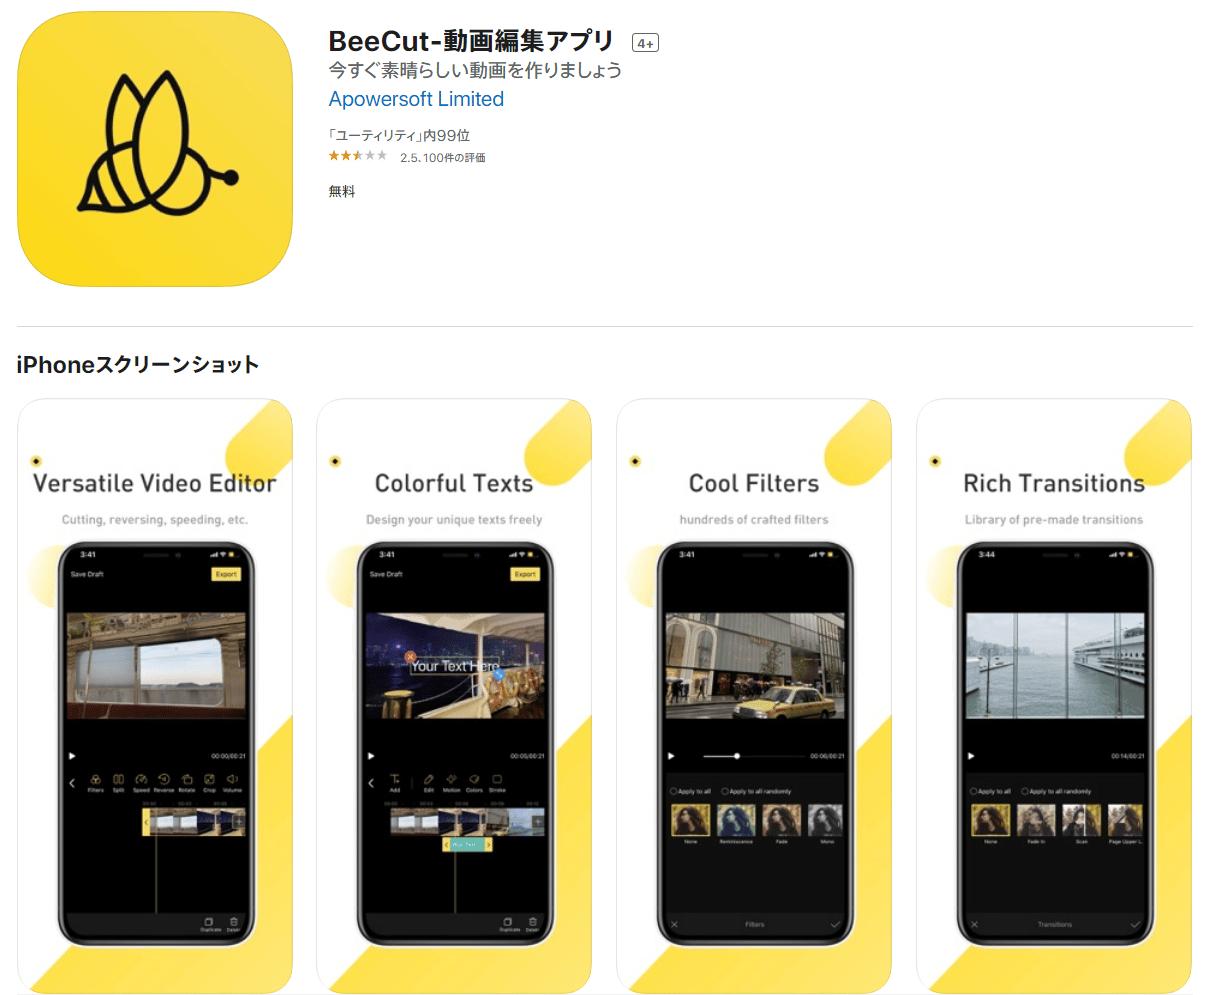 おすすめの動画編集アプリ⑥:BeeCut